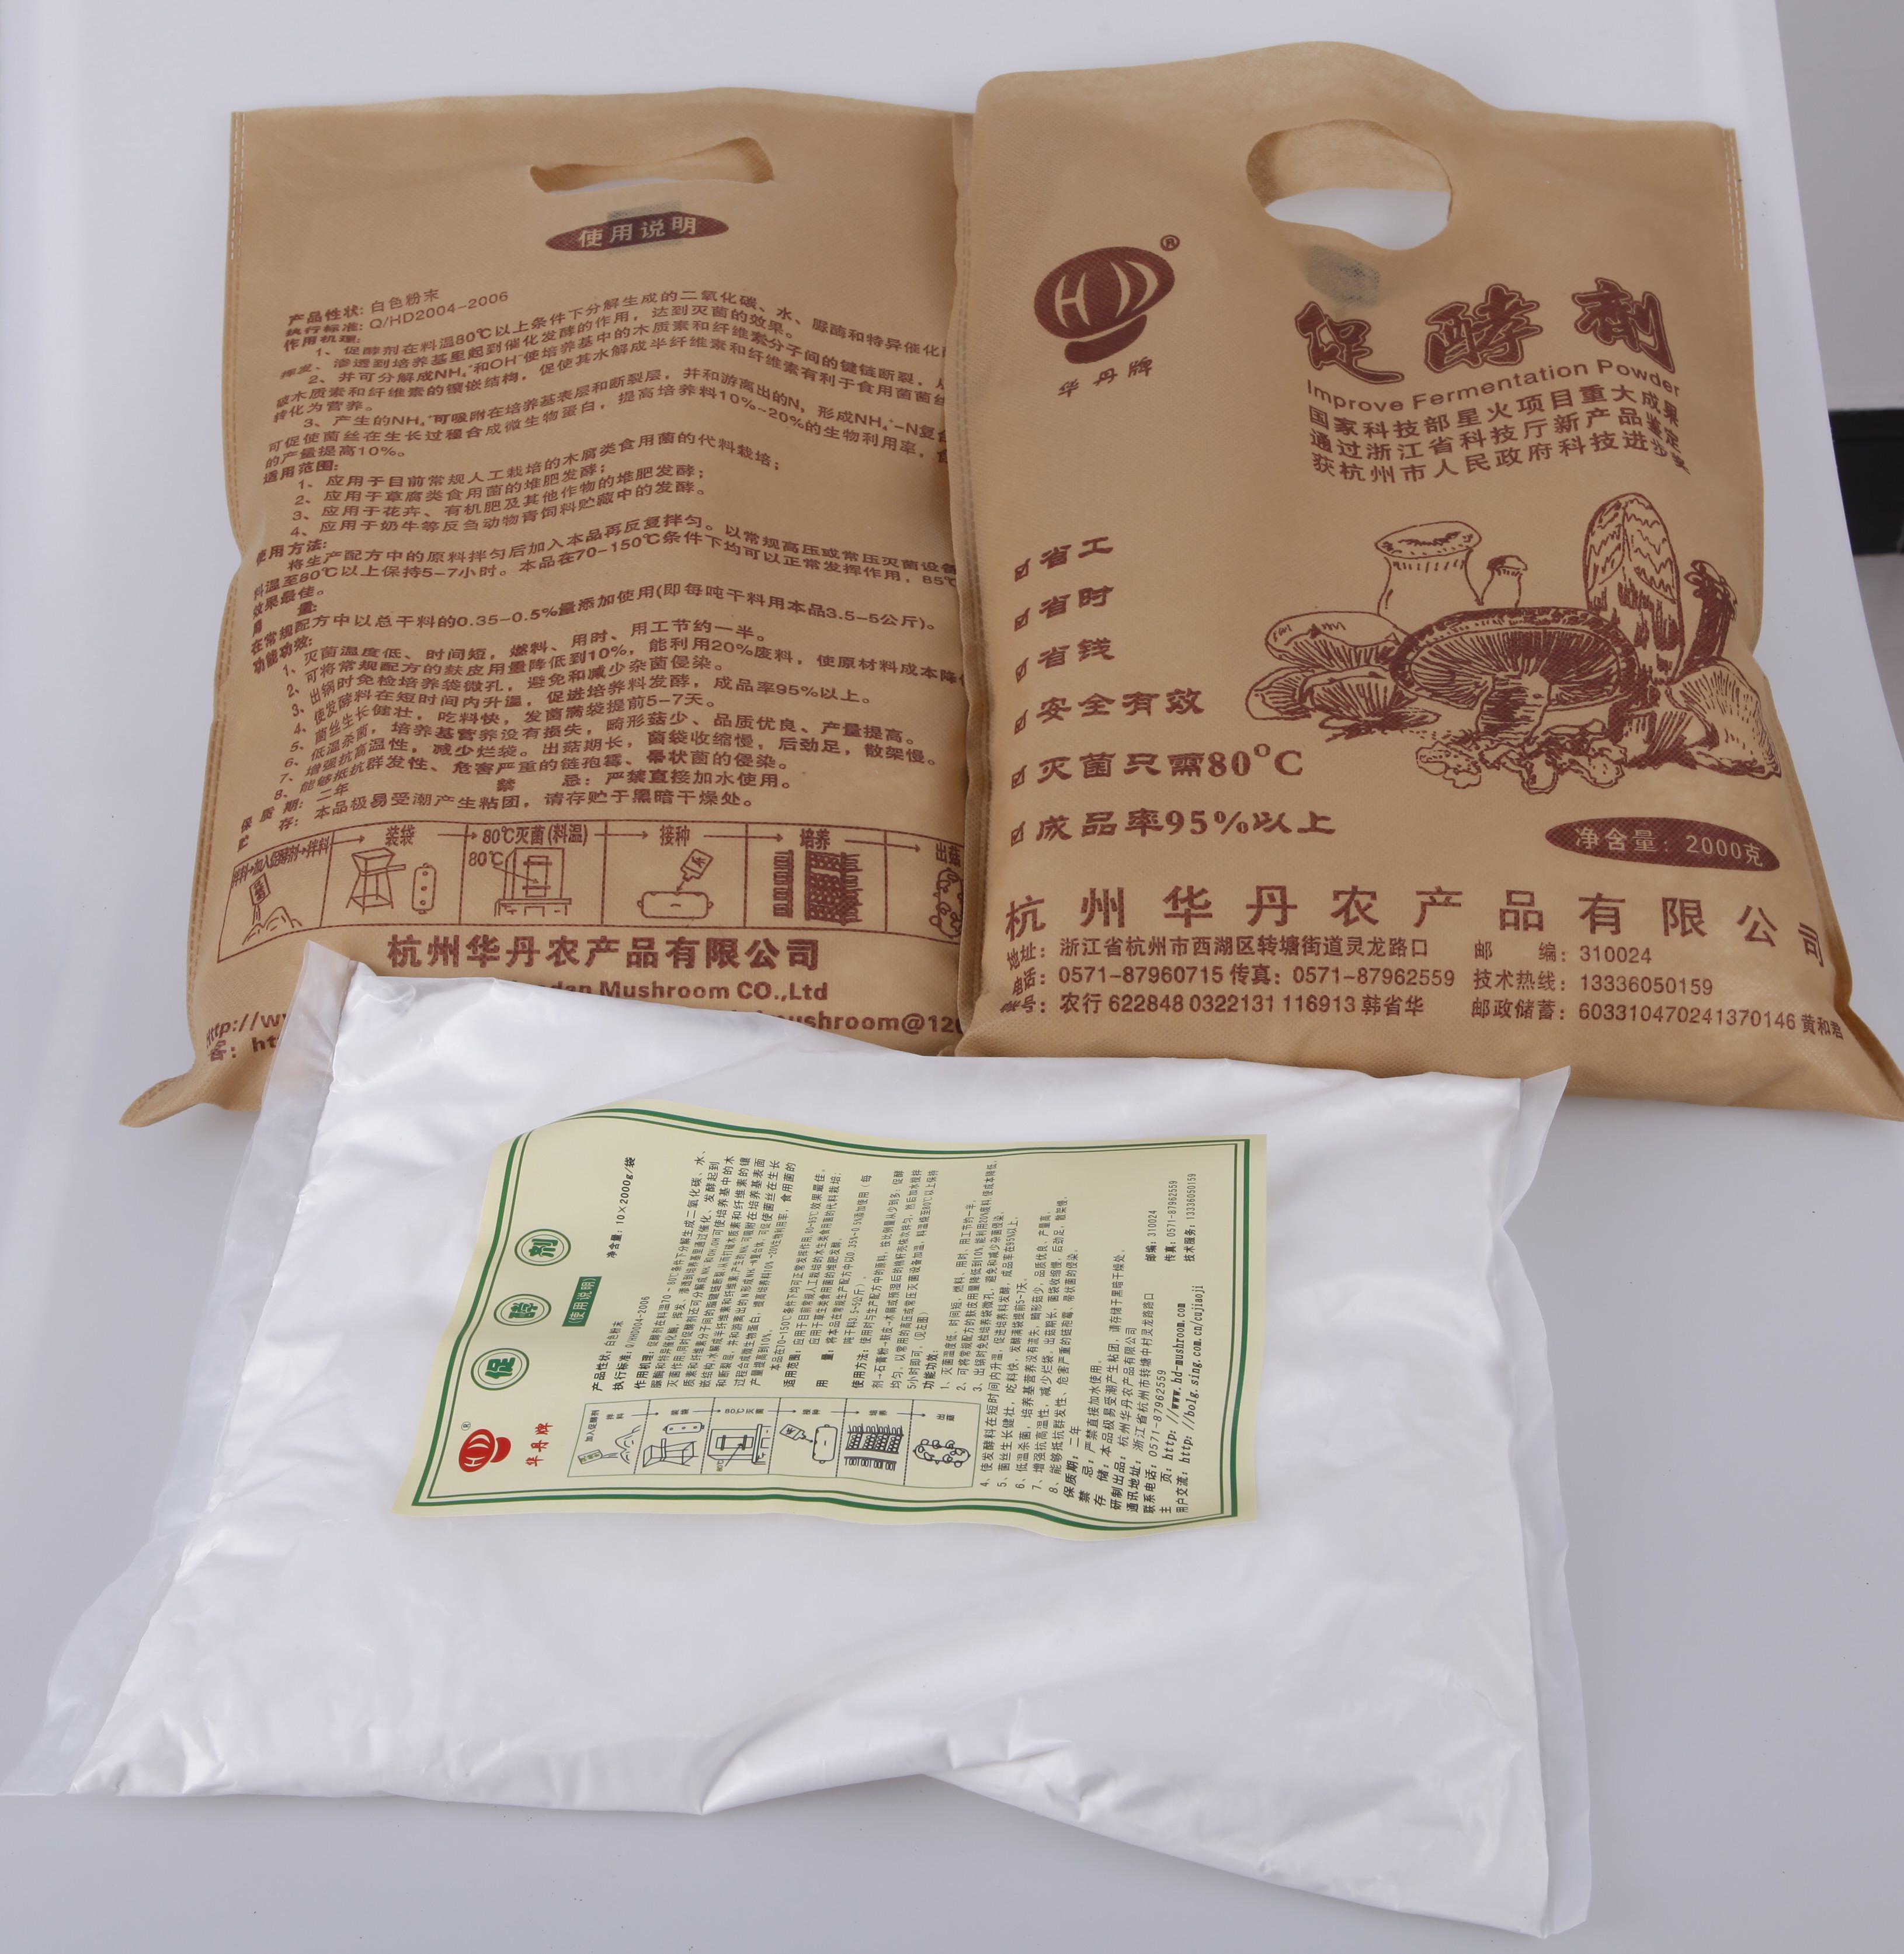 促酵剂 生料栽培 低温灭菌 80摄氏度5小时 22元/公斤  共20公斤